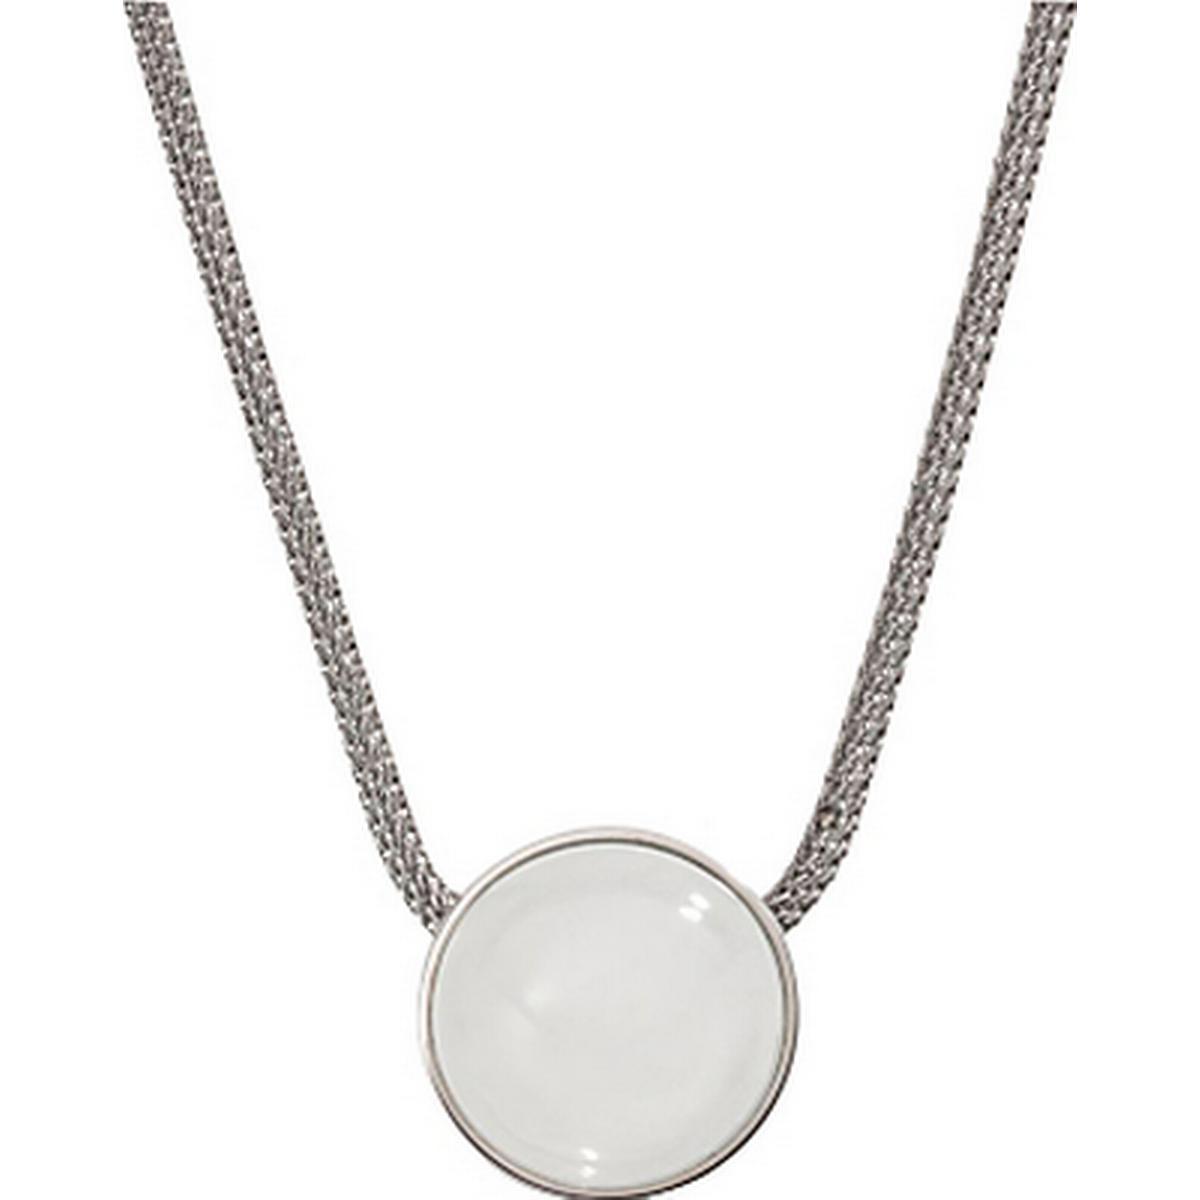 54ecfce8b77 Skagen Sølv Smykker - Sammenlign priser hos PriceRunner